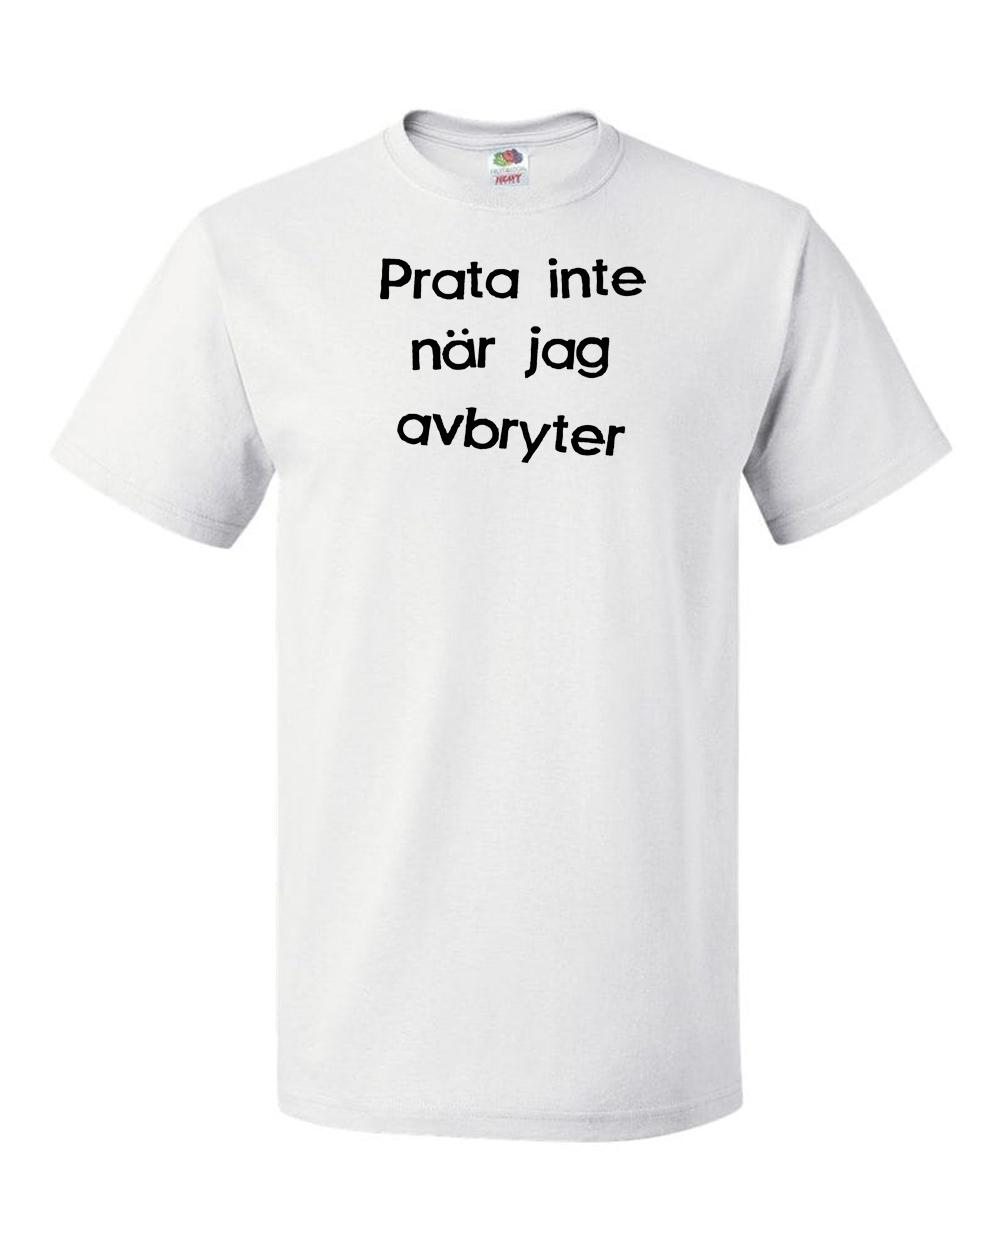 Prata inte… T-shirt